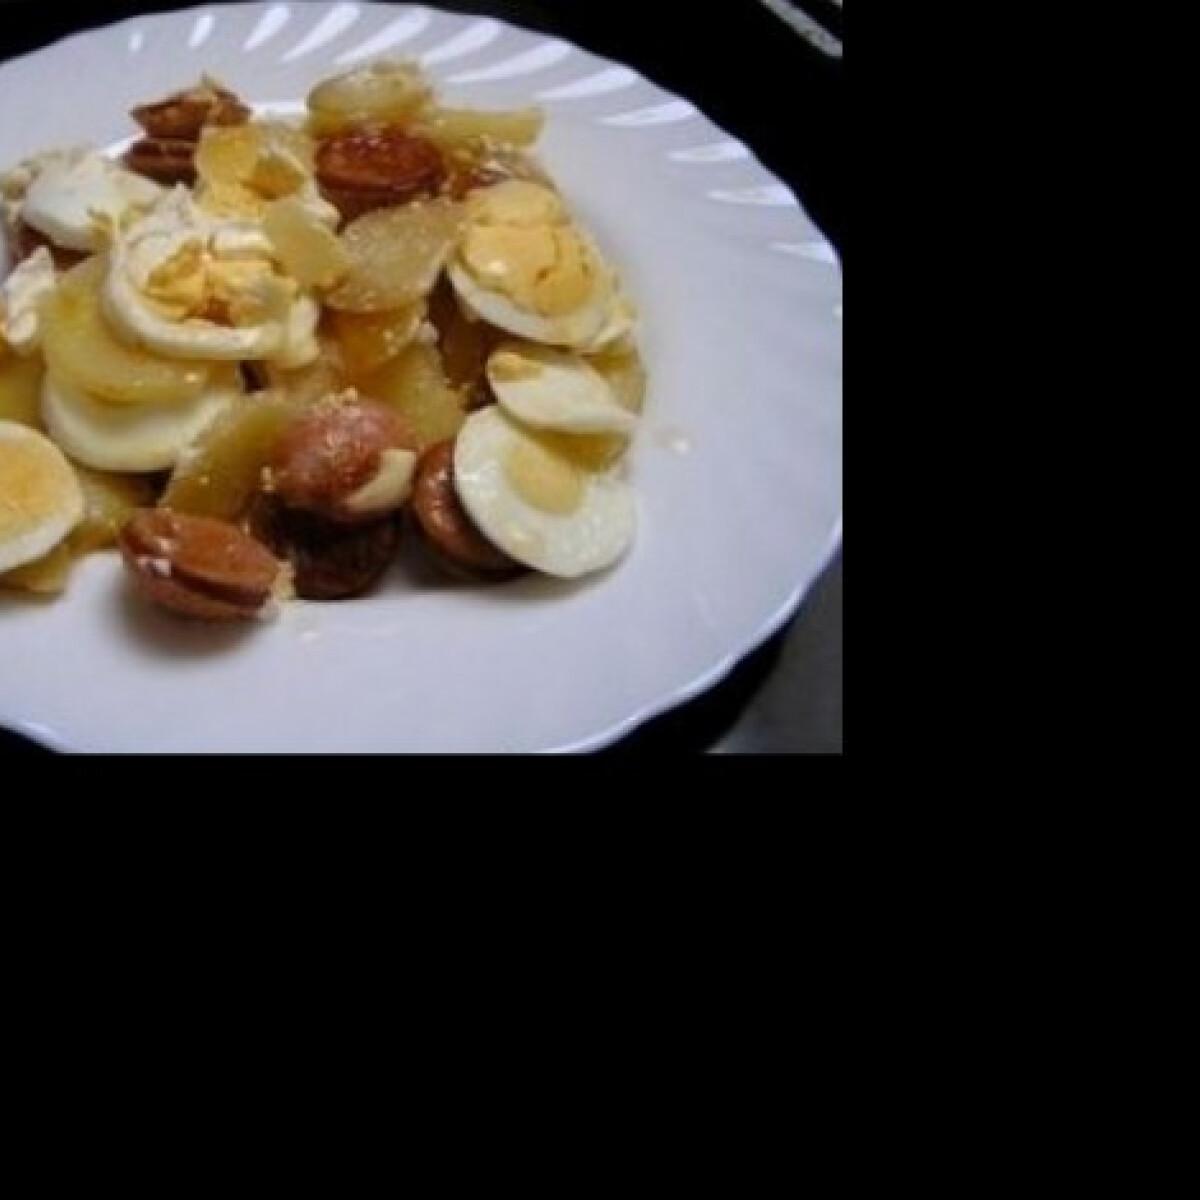 Rakott krumpli hagyományosan